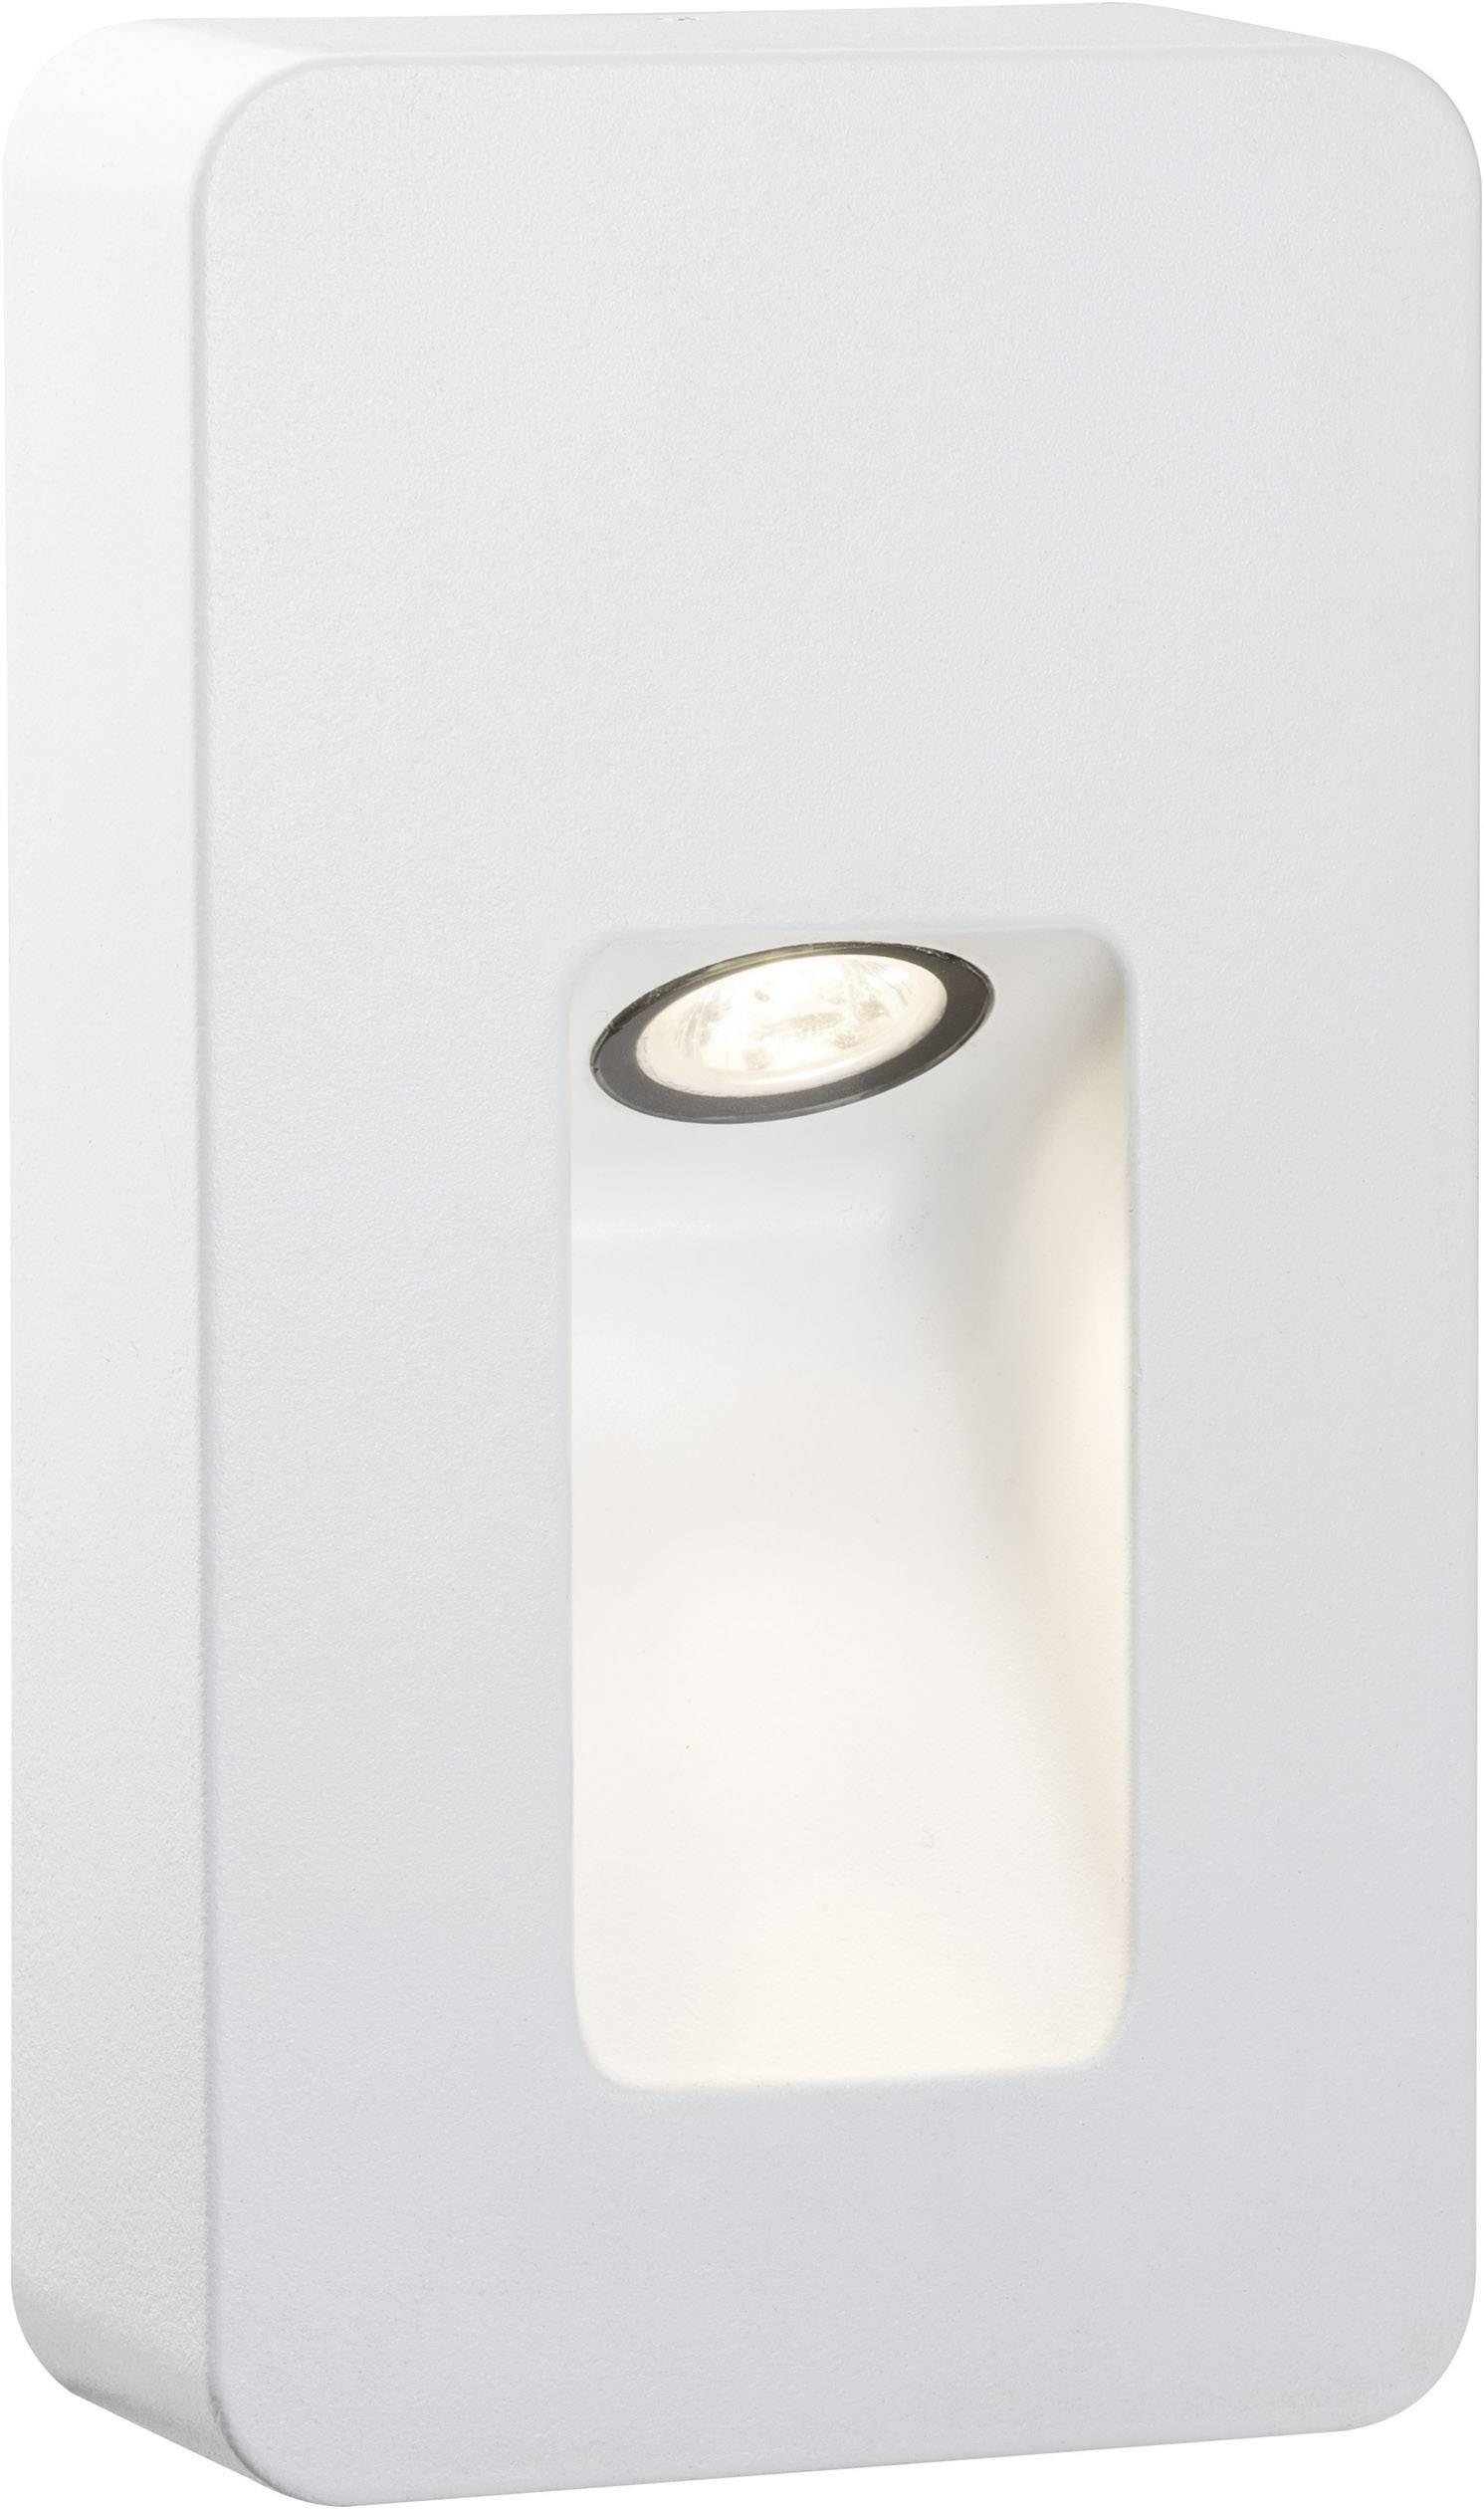 LEDvonkajšie nástennéosvetlenie 2.4 W teplá biela Paulmann Slot 93809 biela (matná)